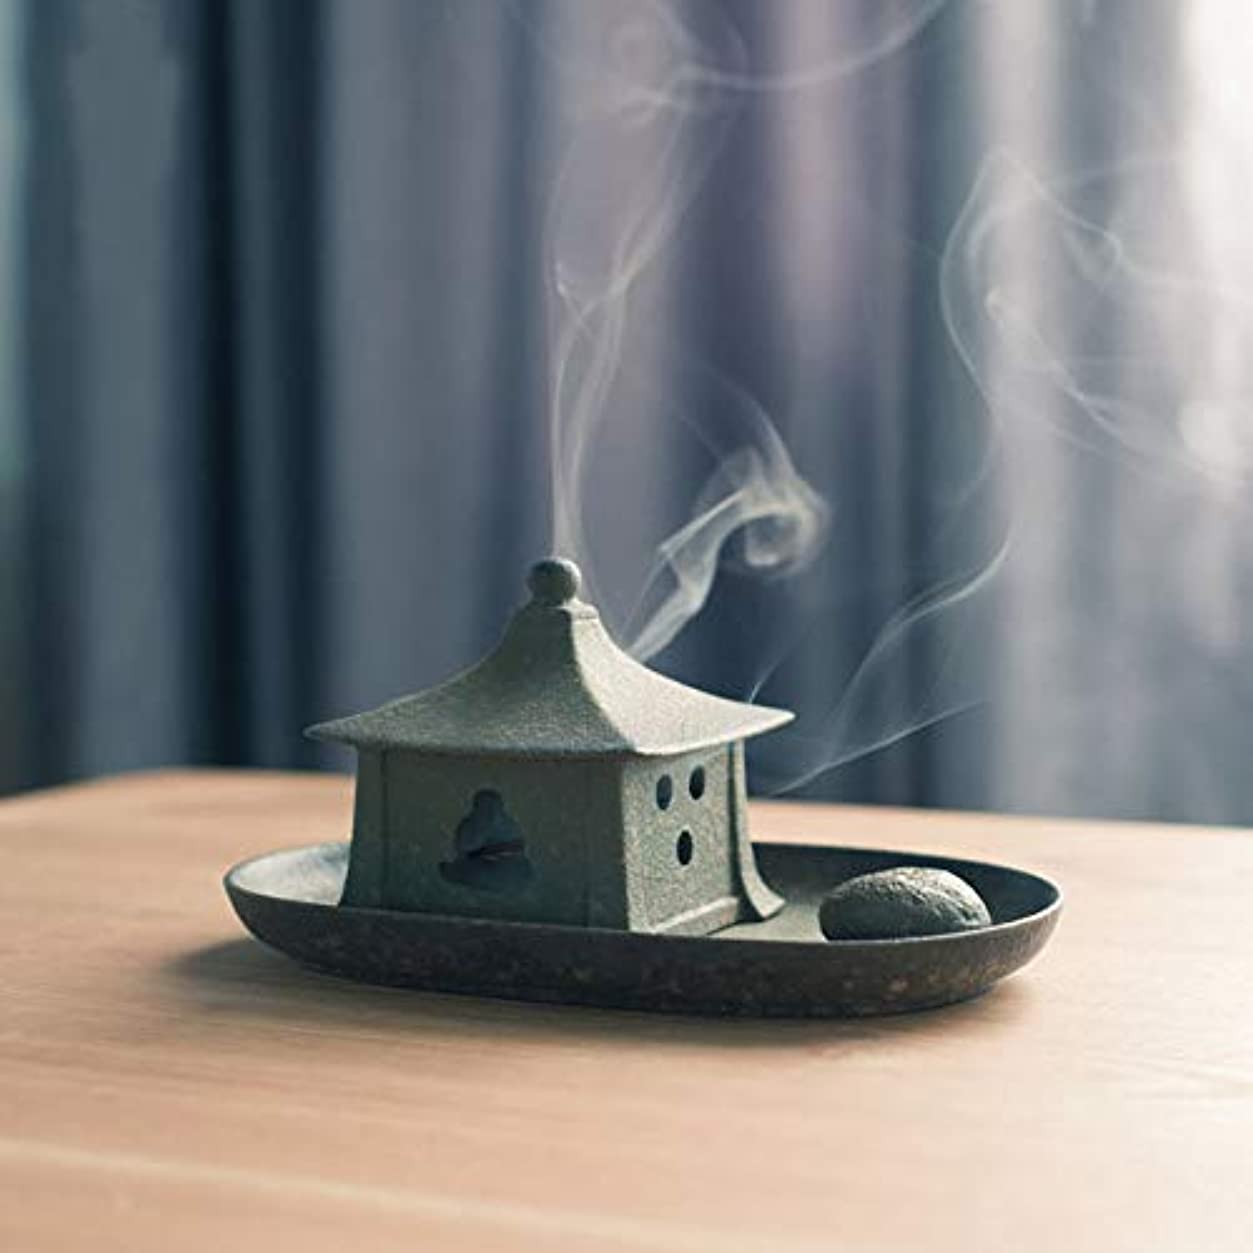 彫刻品種保守可能PHILOGOD 陶器香炉 クリエイティブスタイリング 渦巻き線香立て 仏壇用 香置物 香皿